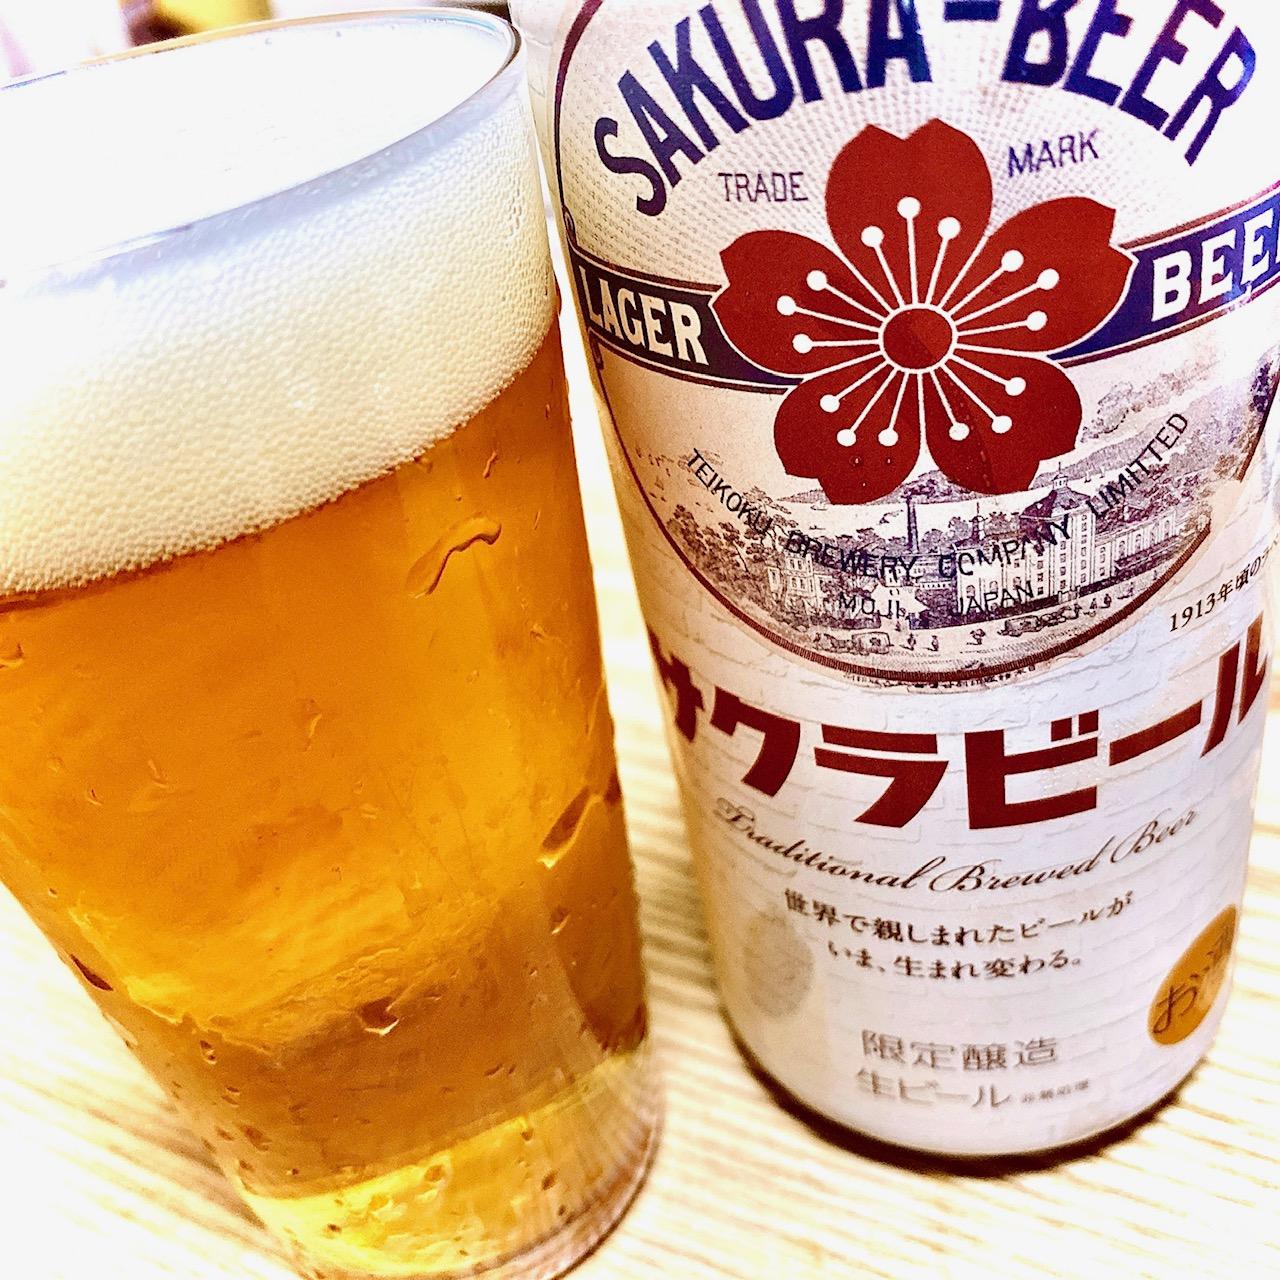 サッポロビール株式会社「サッポロ サクラビール」